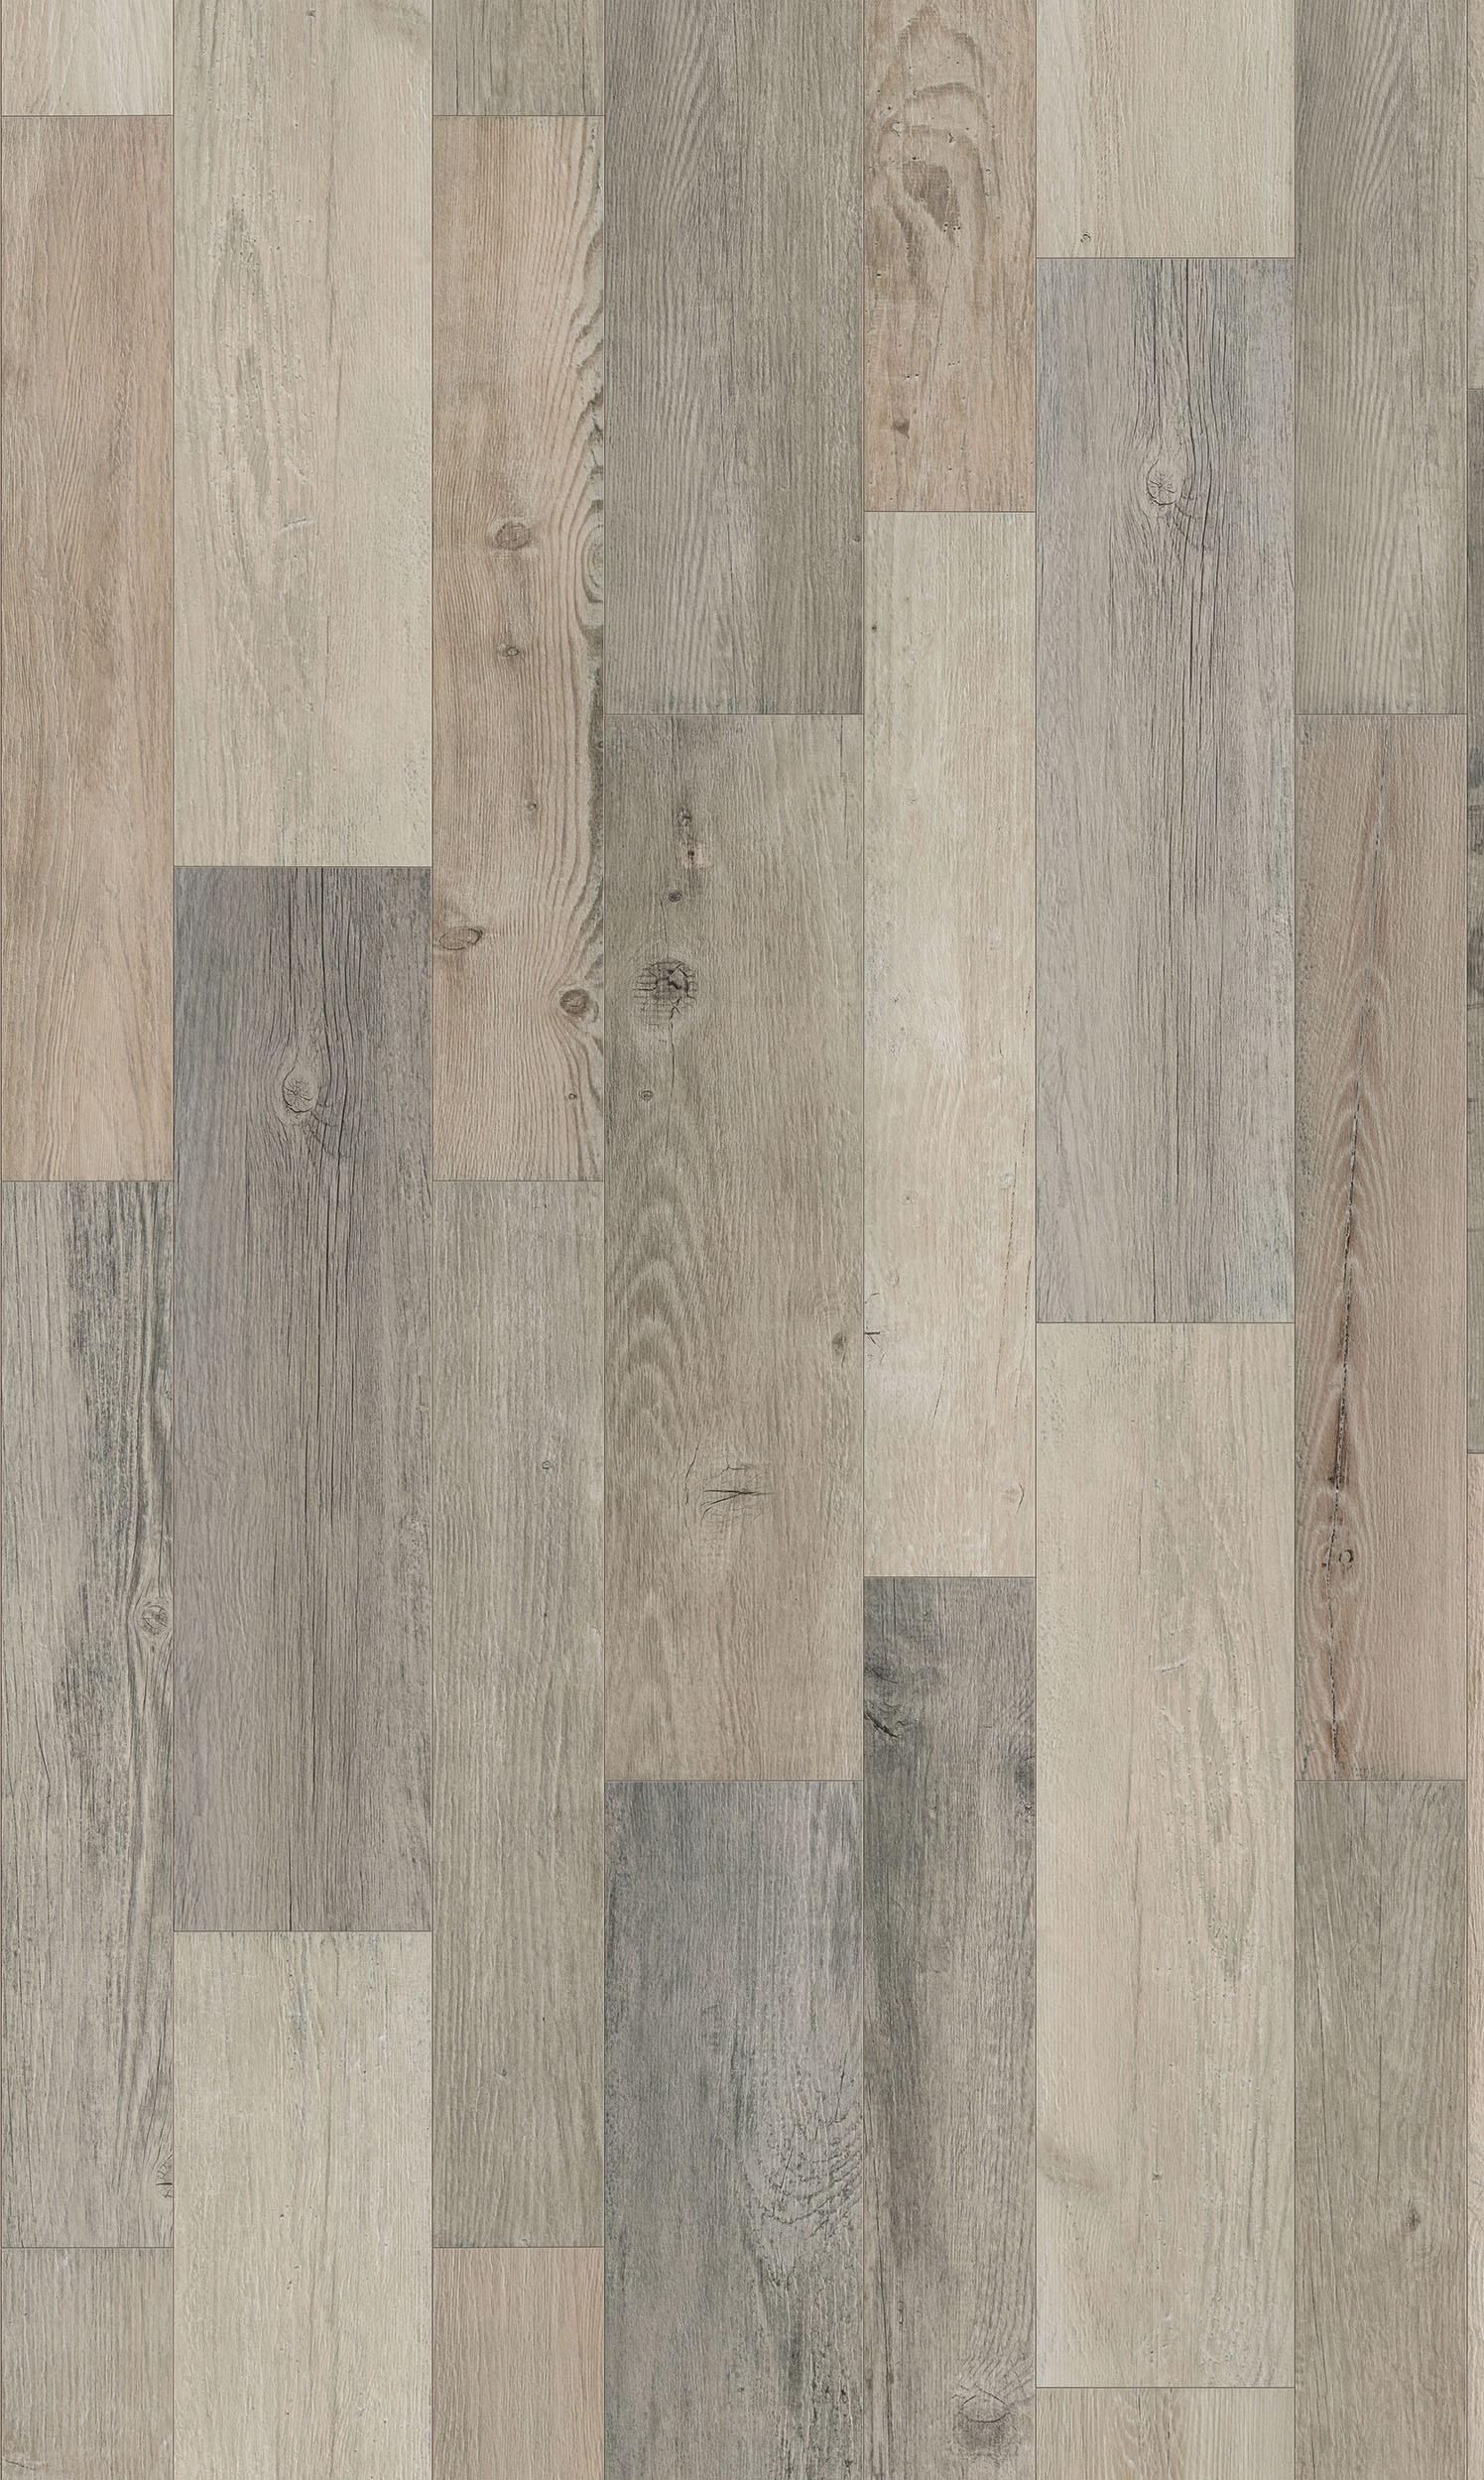 Carrelage Beige Et Marron carrelage restyle imitation bois | matériaux collic